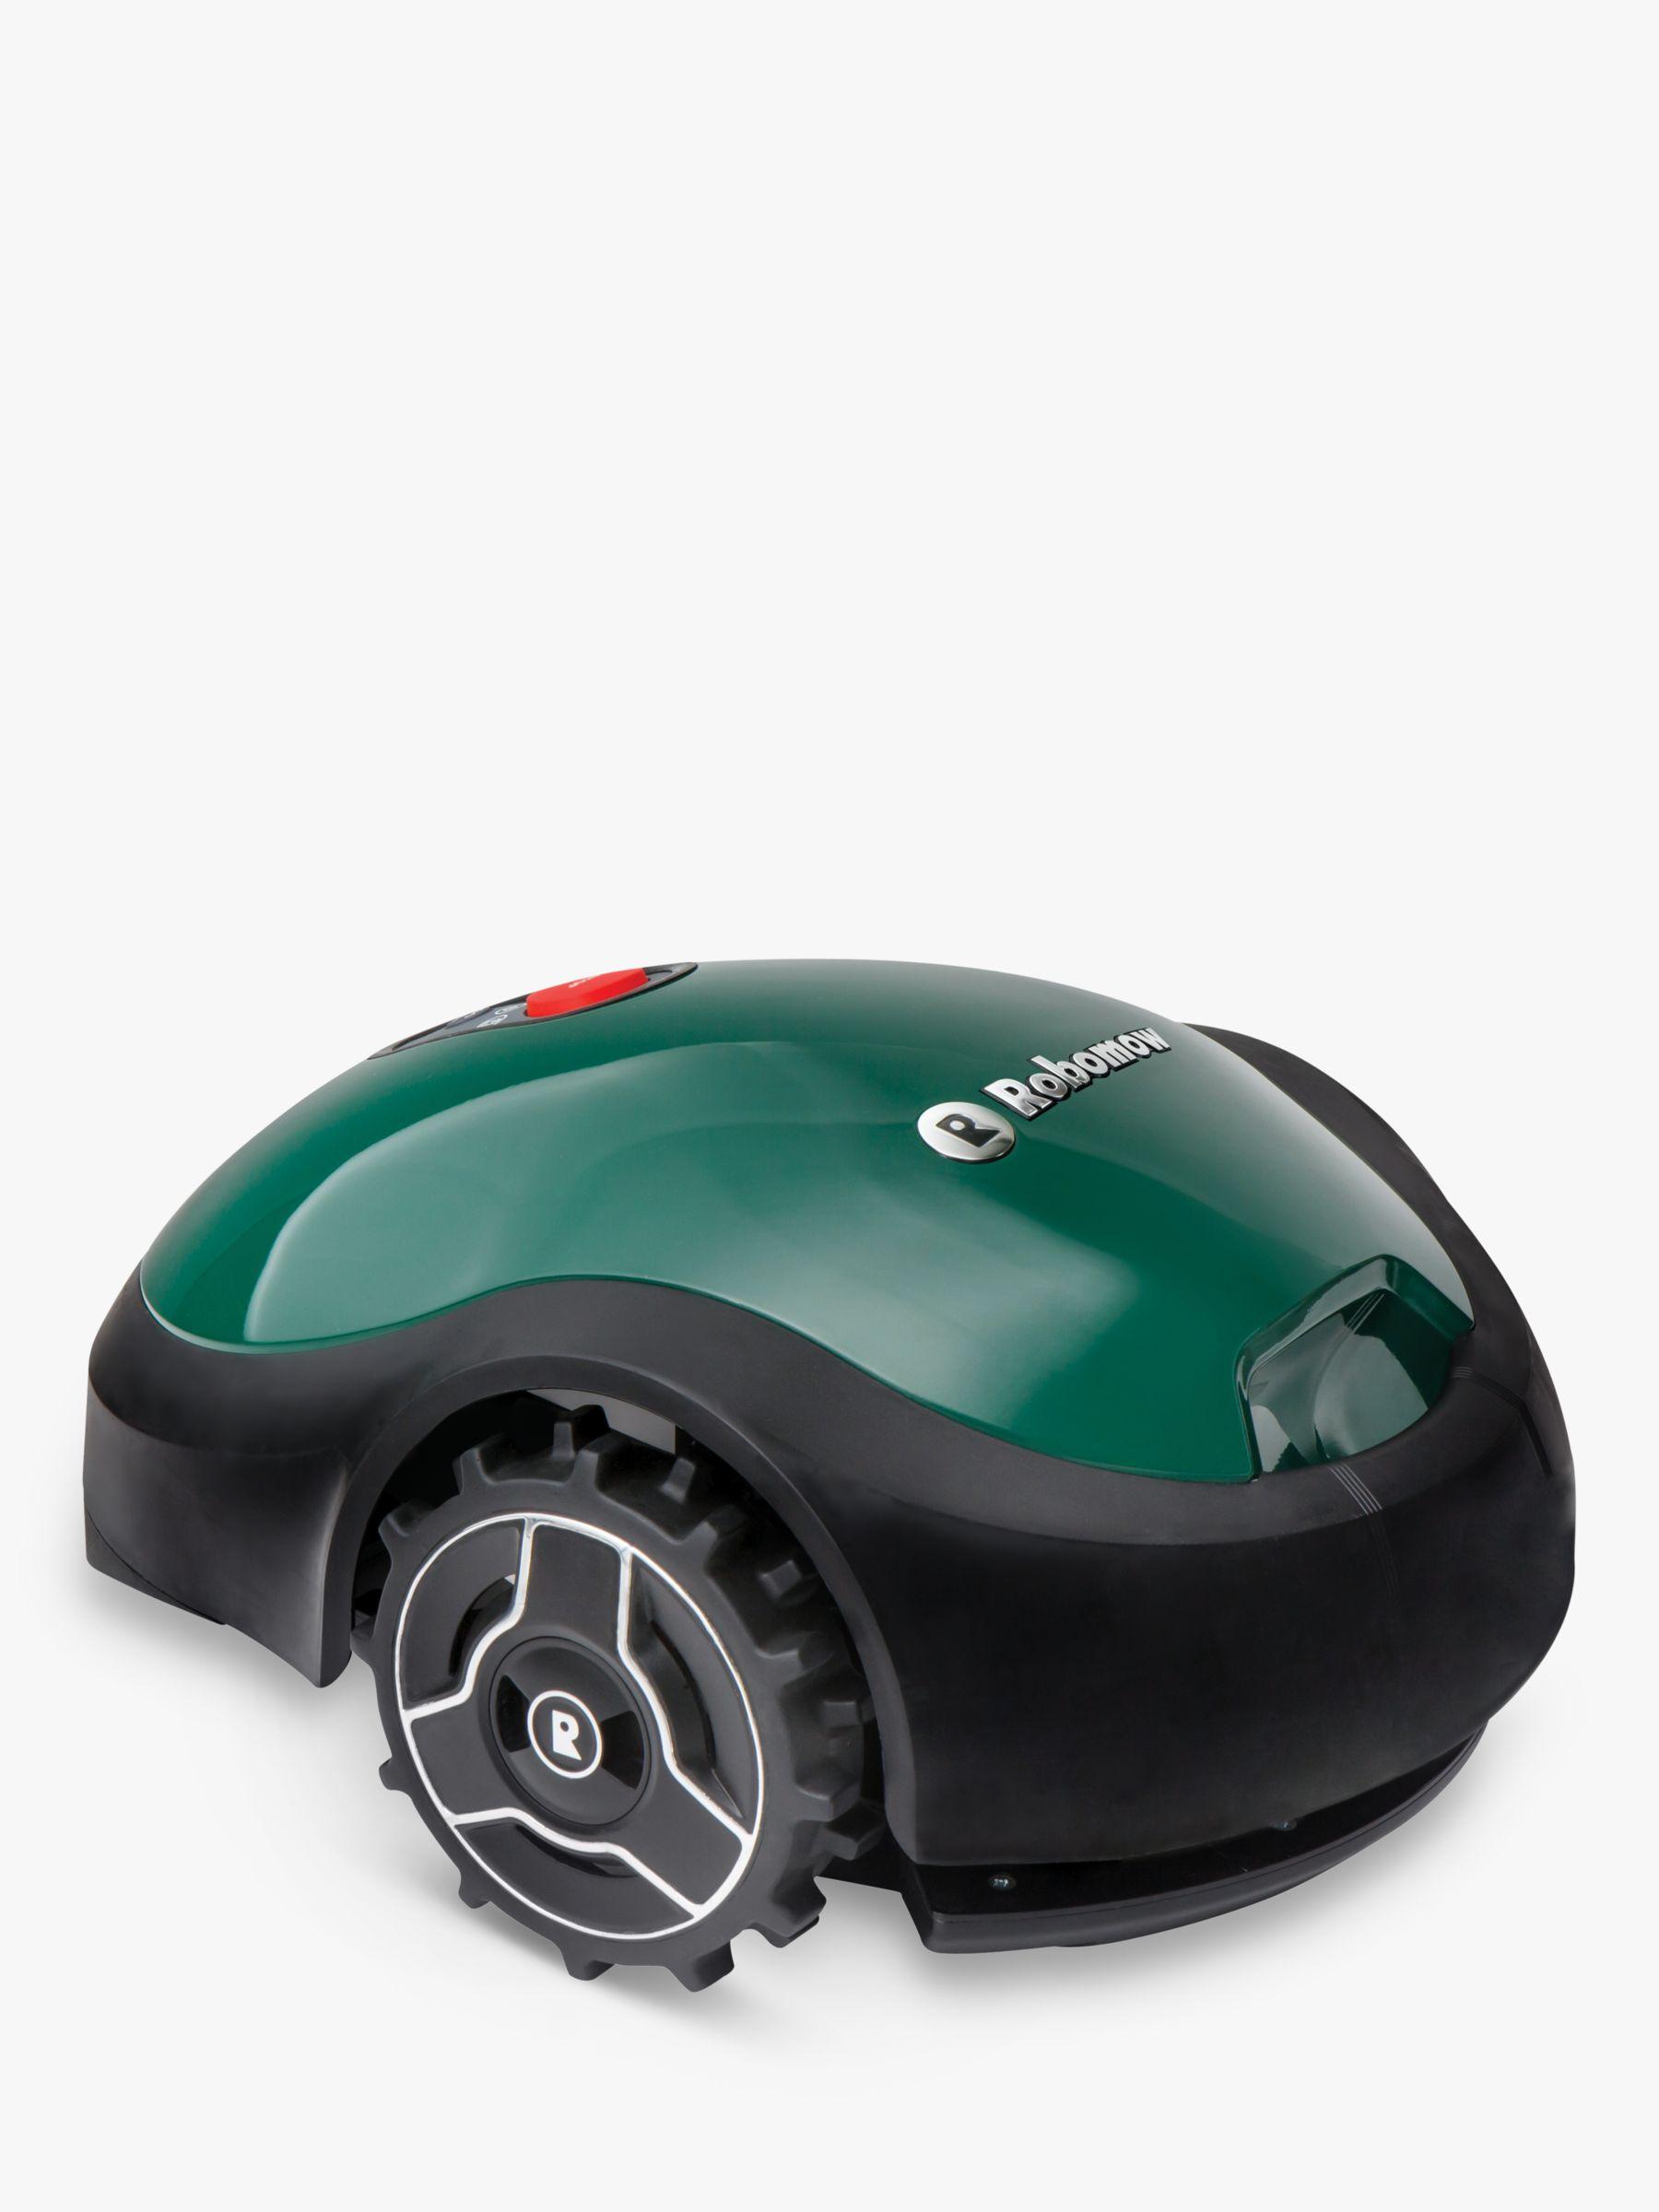 Robomow Robomow RX12U Robotic Lawnmower